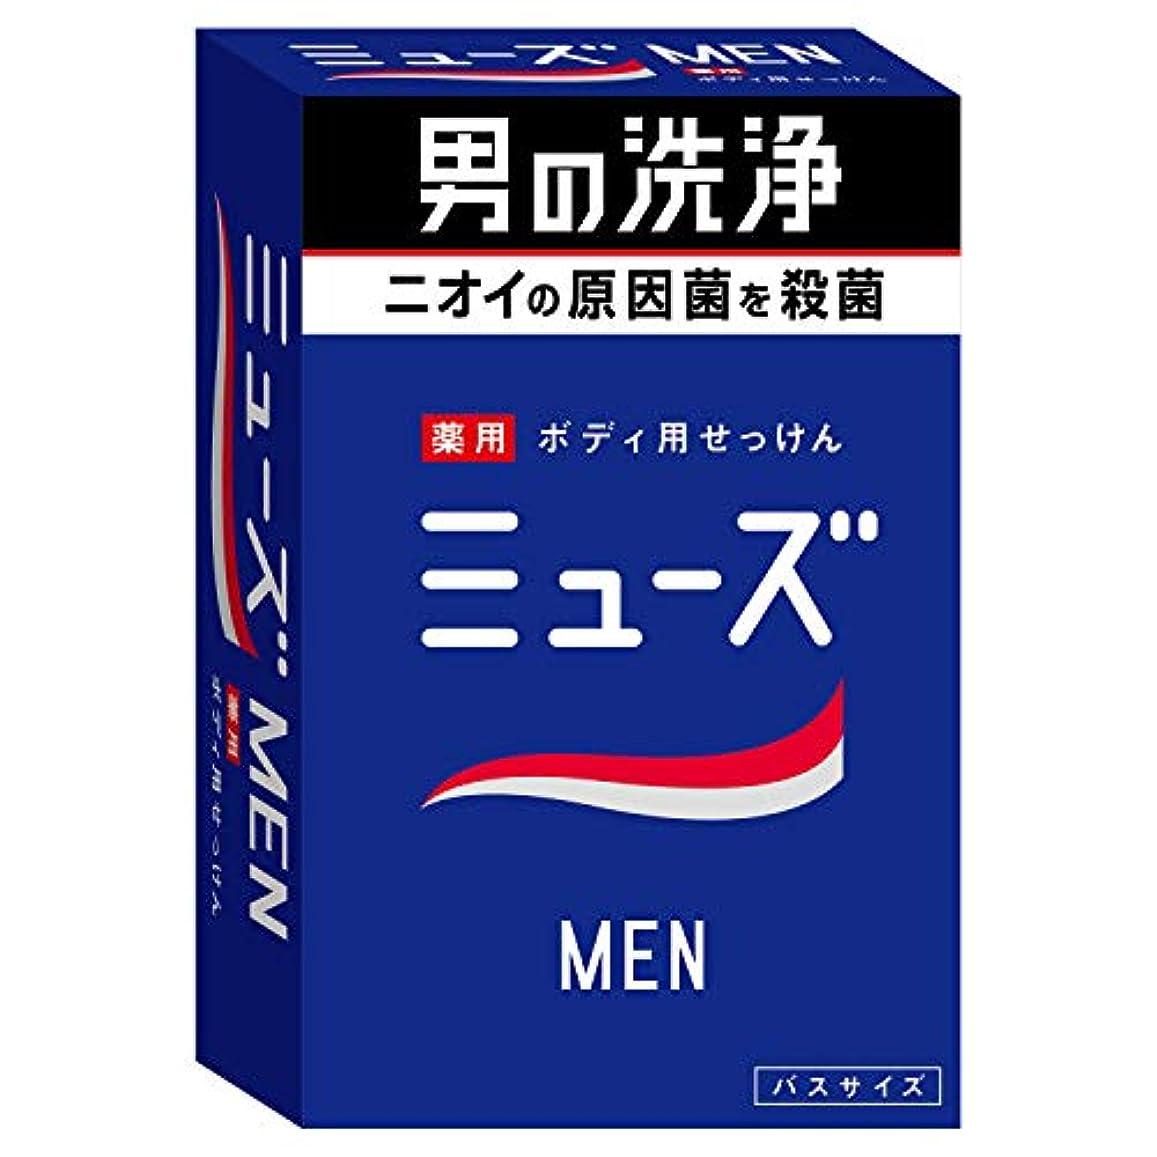 子羊風が強いディンカルビル【医薬部外品】ミューズメン 石鹸 135g